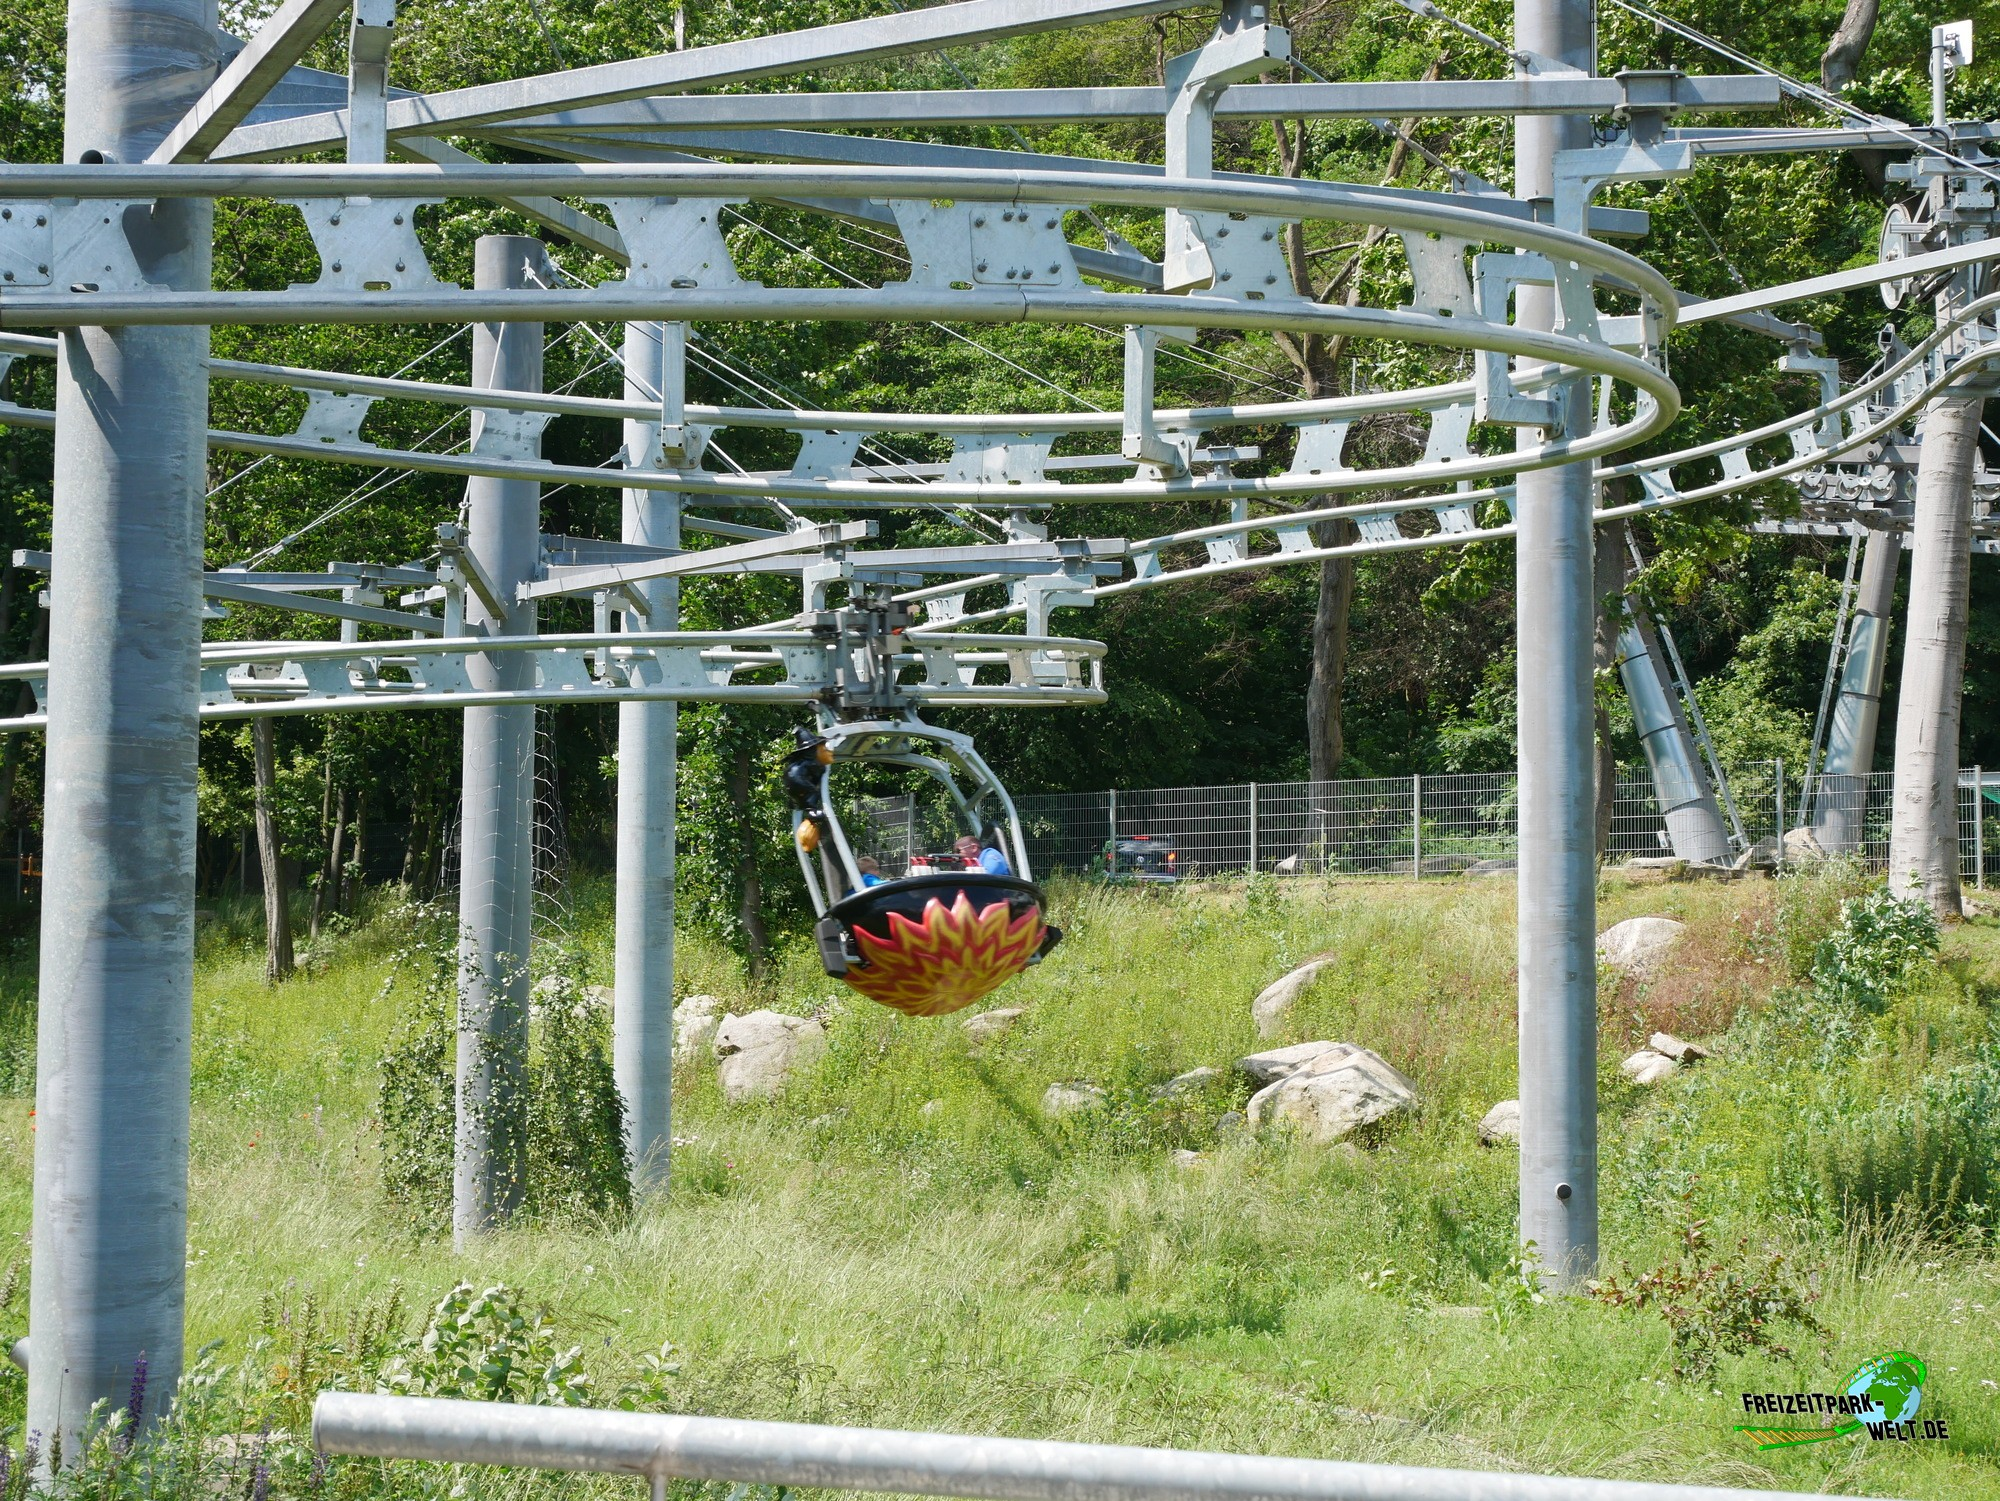 Erlebniswelt Thale   Highlights & Tipps zum Besuch im Freizeitpark ...